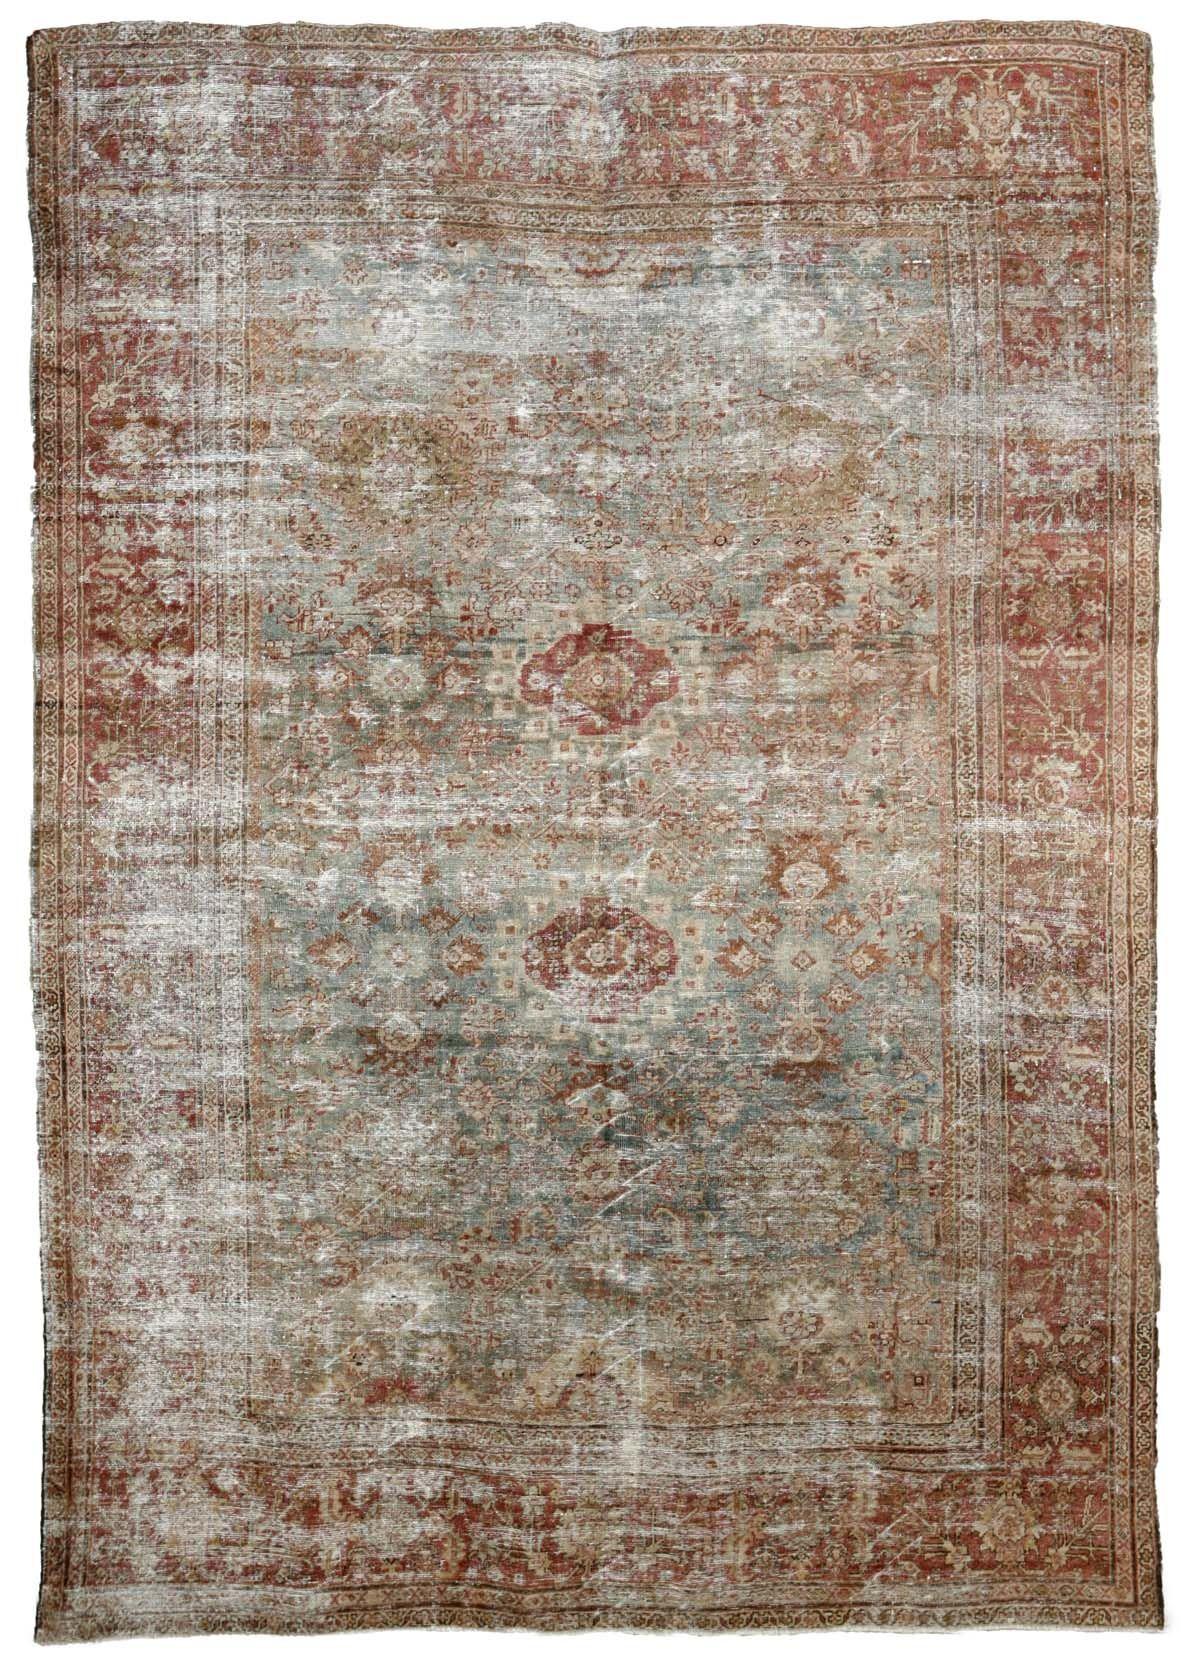 Mahal Antique Persian Rug